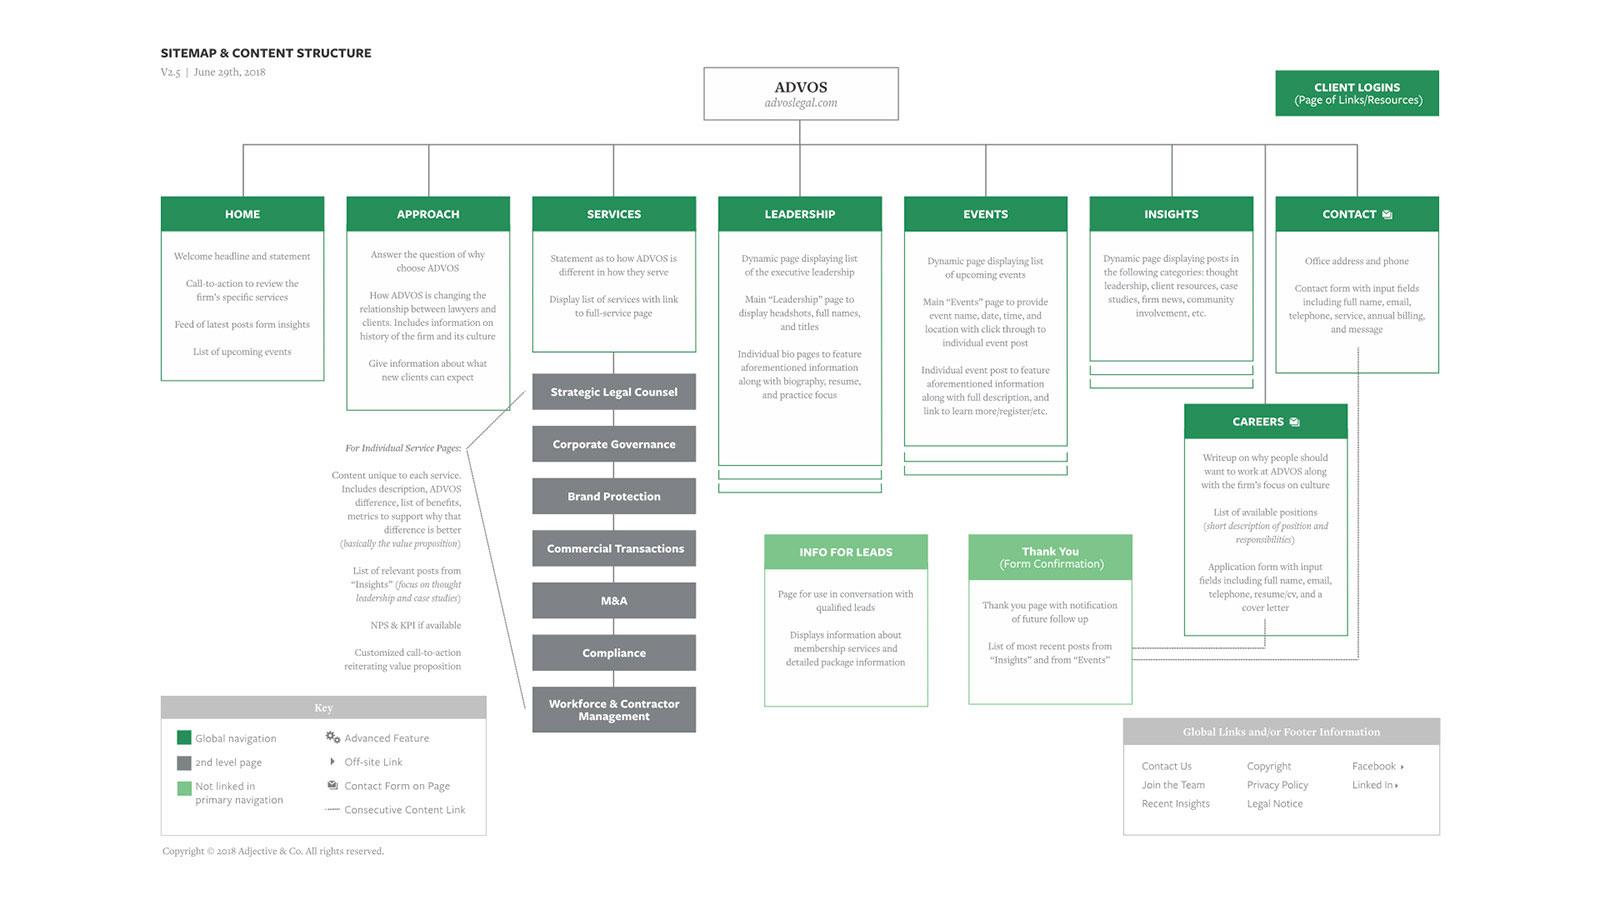 Advos design website sitemap